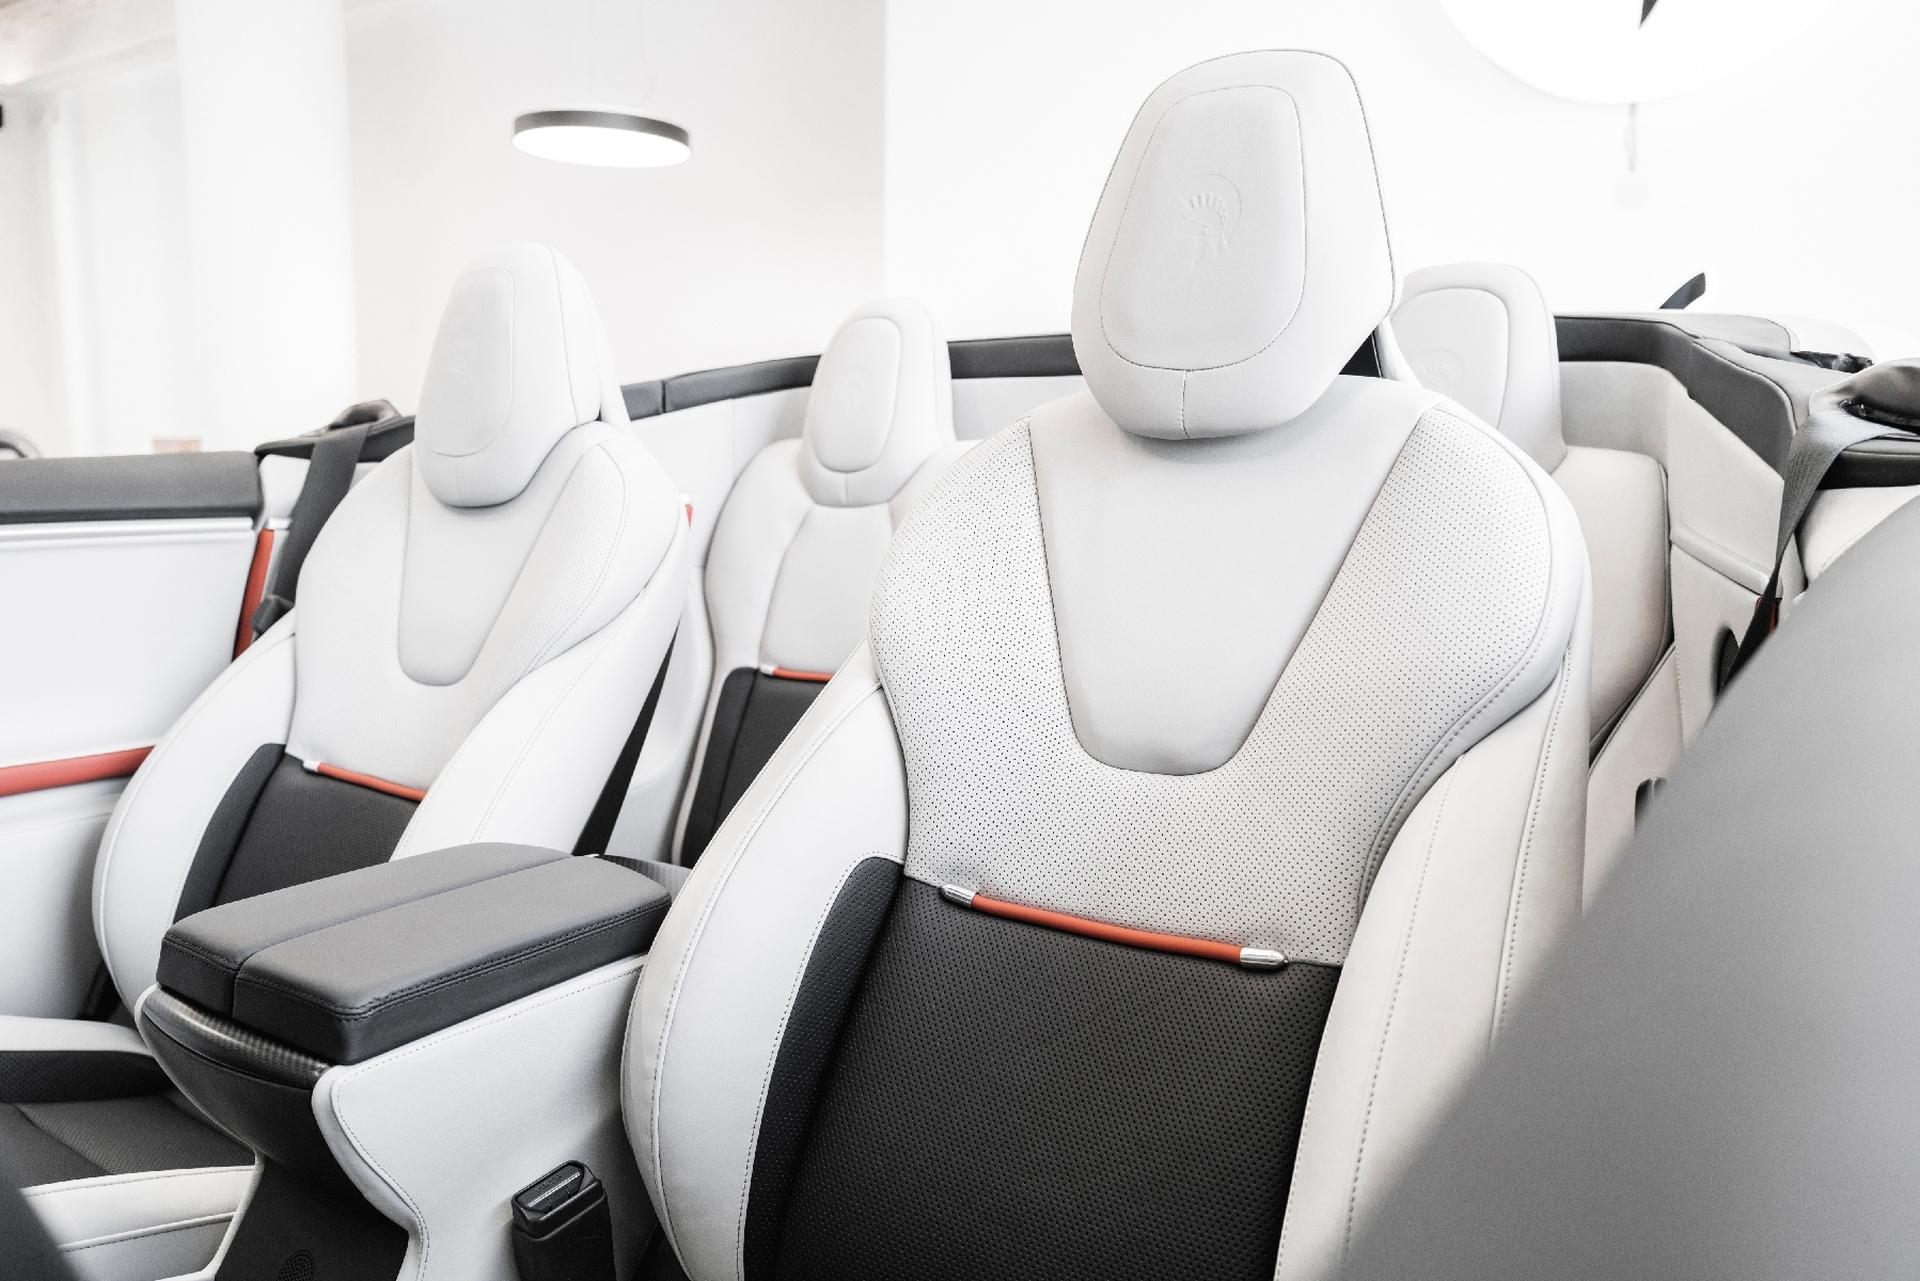 Eisweiße Ledersitze mit orangen Details wurden maßgeschneidert in das Tesla Cabrio eingebaut. Foto: ARES DESIGN – © www.aresdesign.com